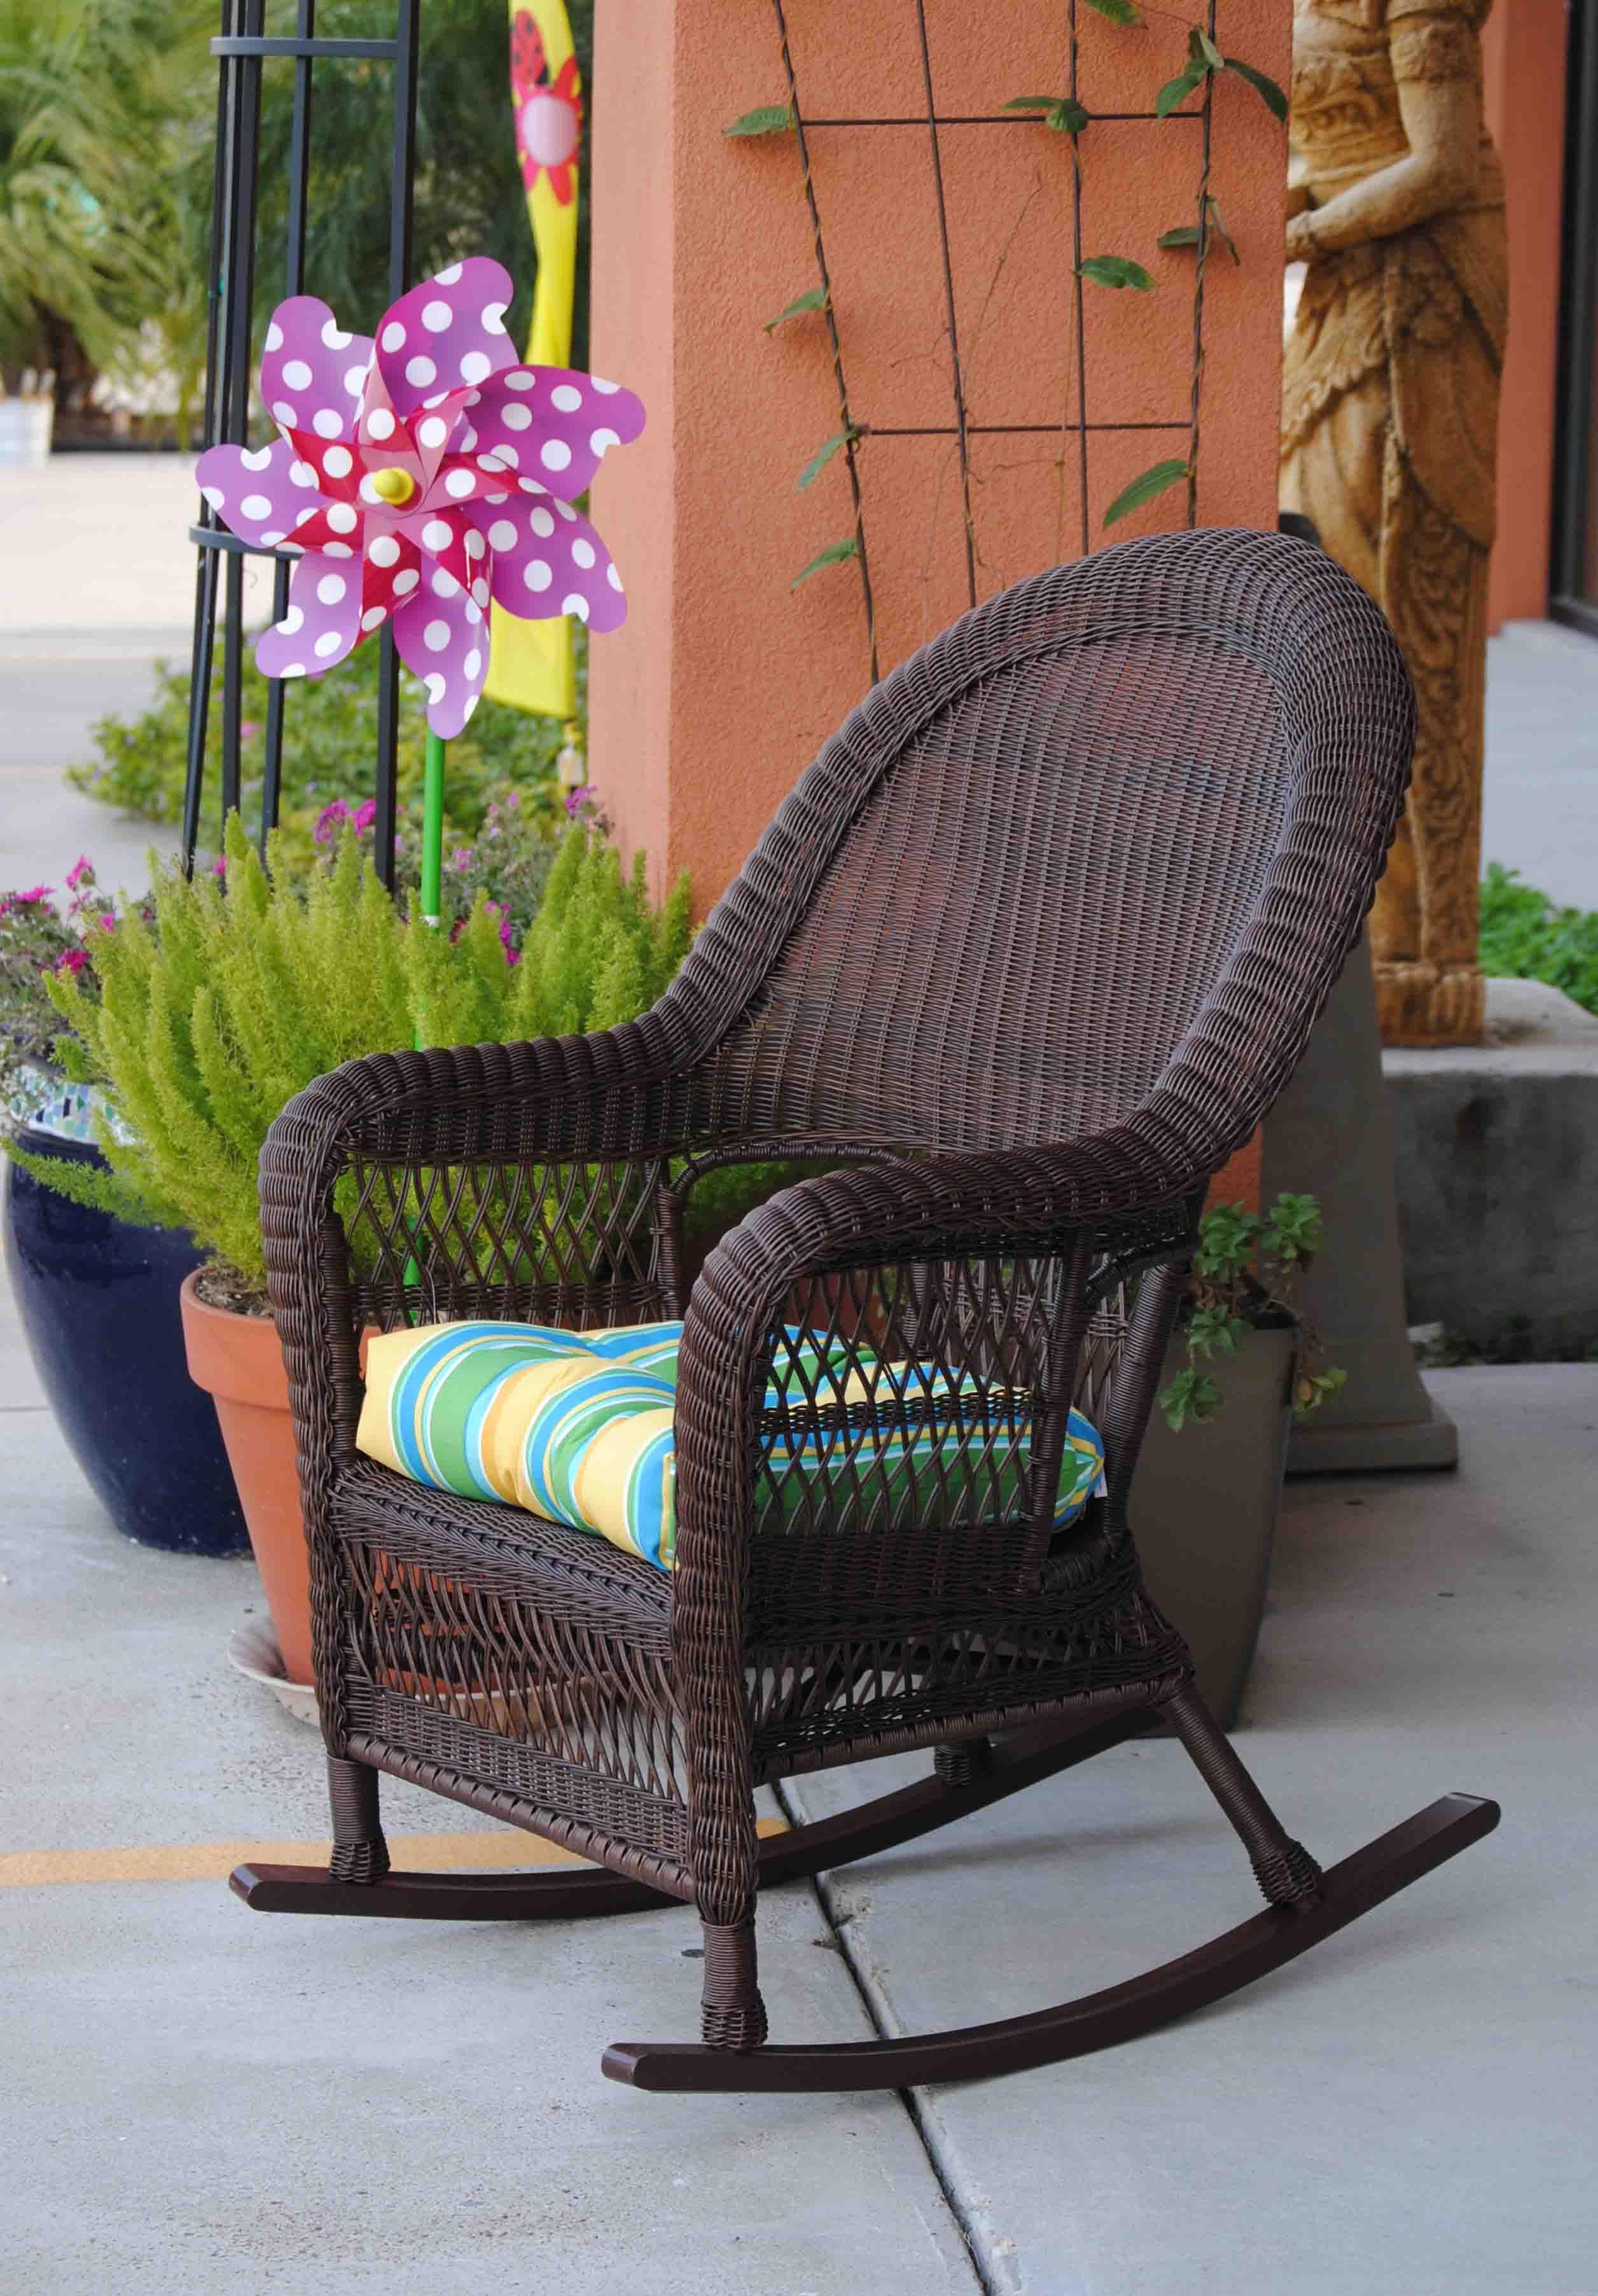 Rocking Chair PVC resin on all aluminum frame Chestnut dark